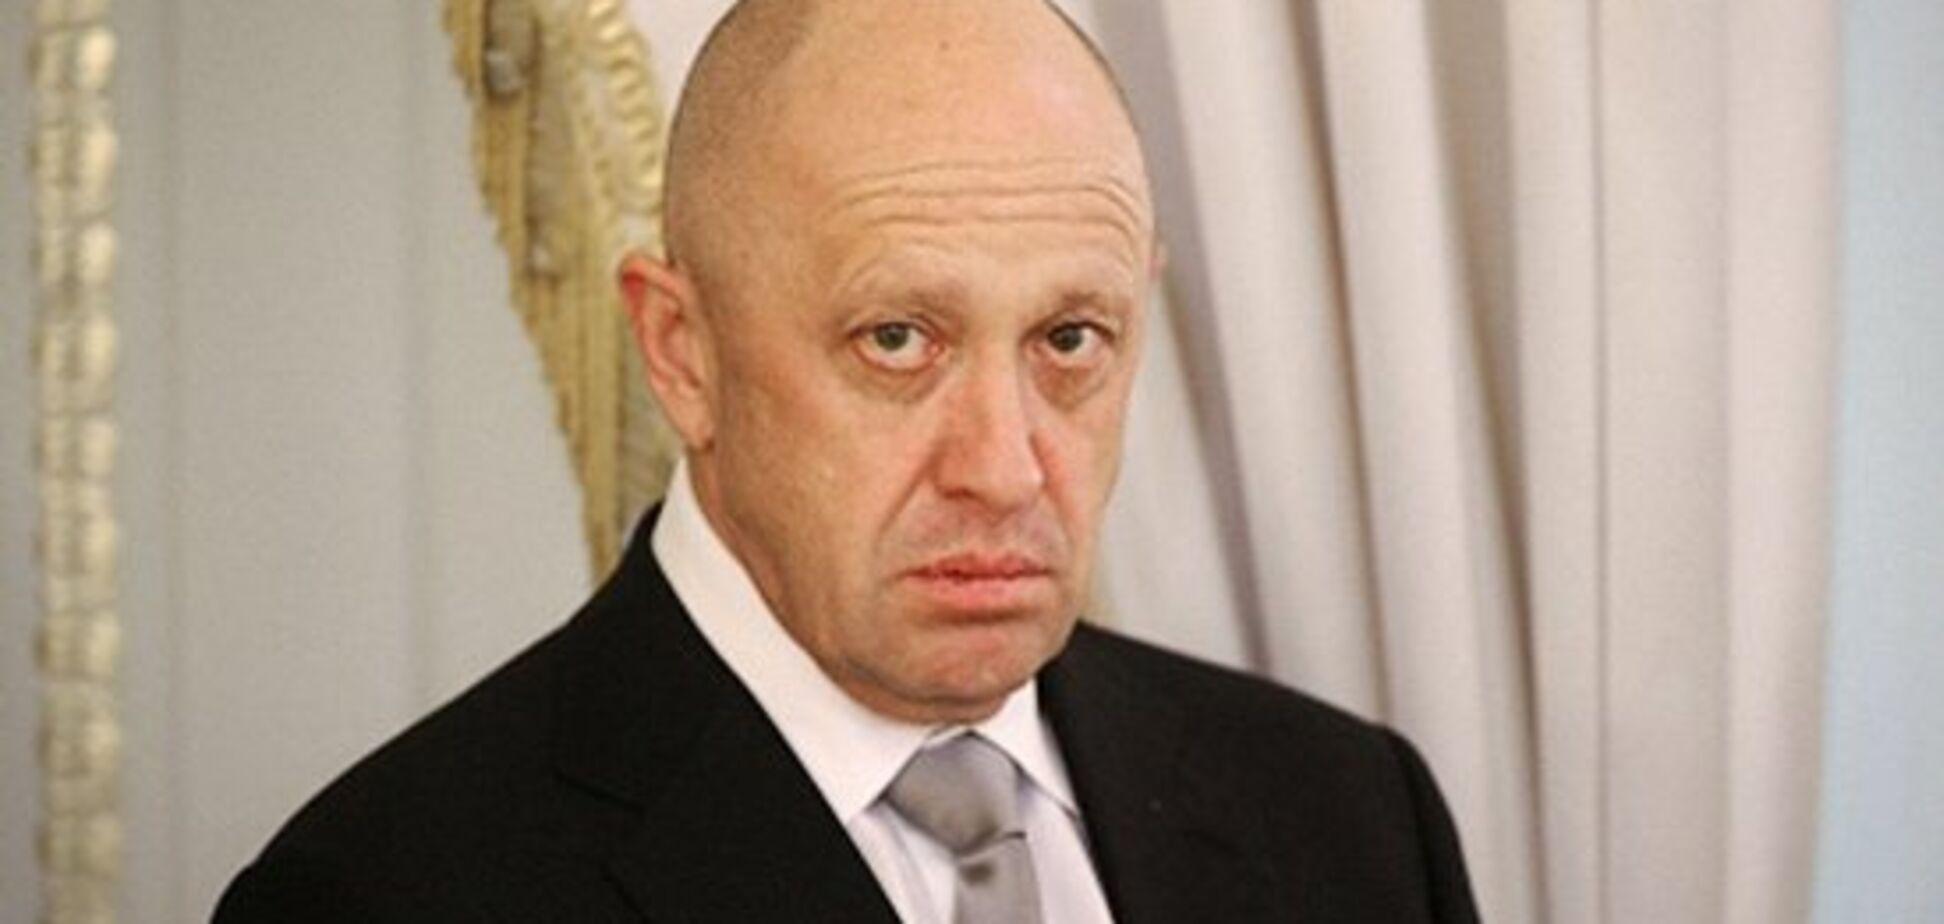 Воровал и душил женщин: у 'повара' Путина оказалось уголовное прошлое